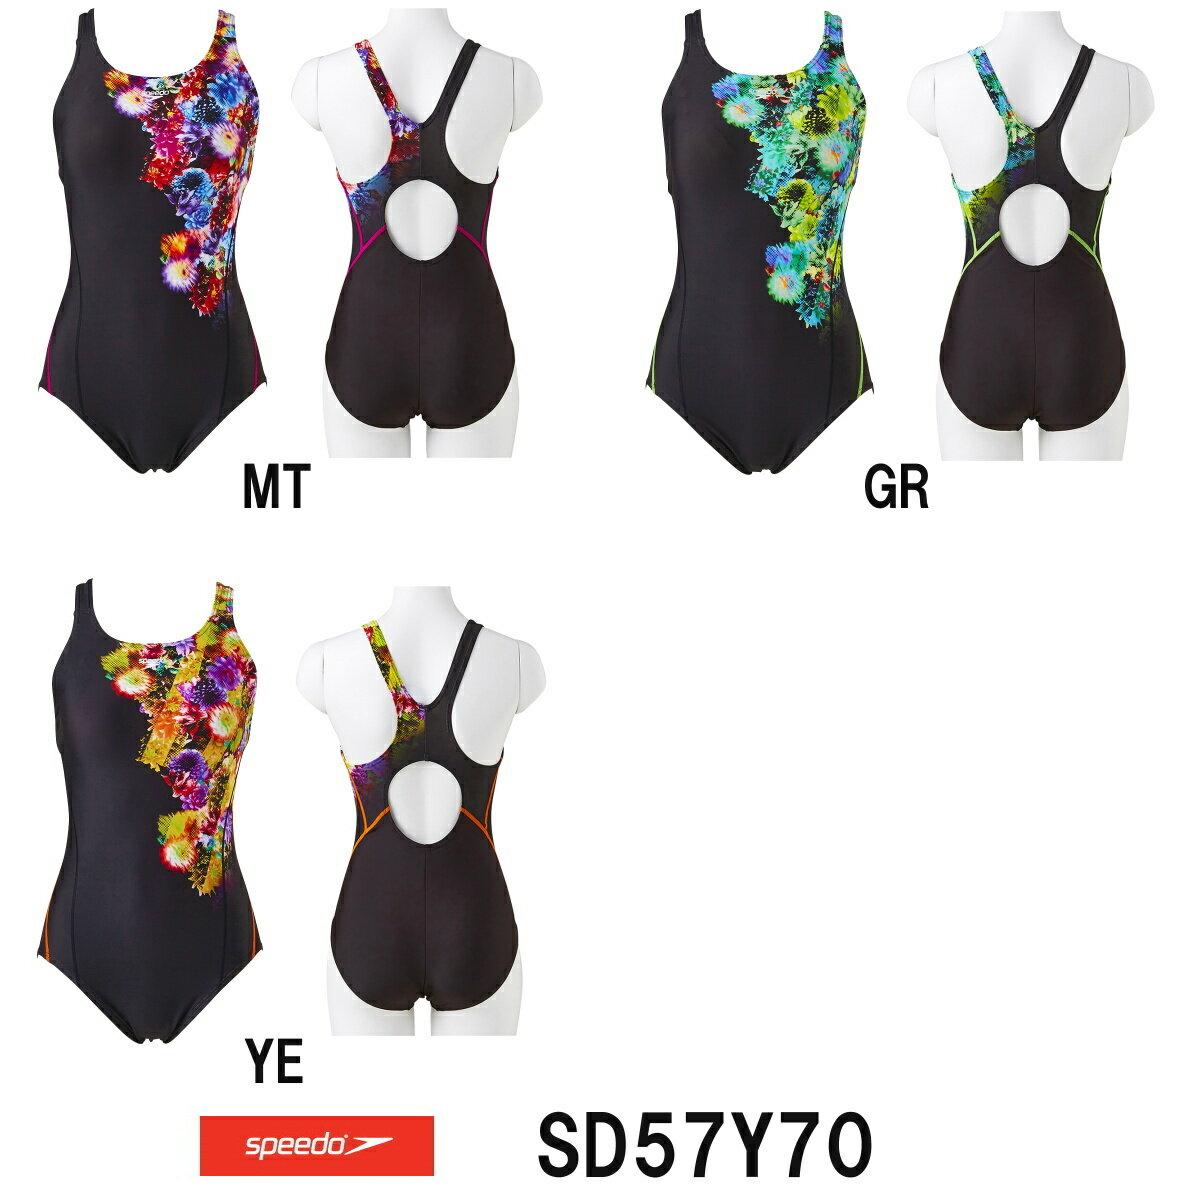 《今すぐ使えるクーポン配布中》スピード SPEEDO レディース 競泳水着 STREAM 2WAY ウイメンズスーツ(吊りパッド付き) 2017年秋冬モデル SD57Y70-HK